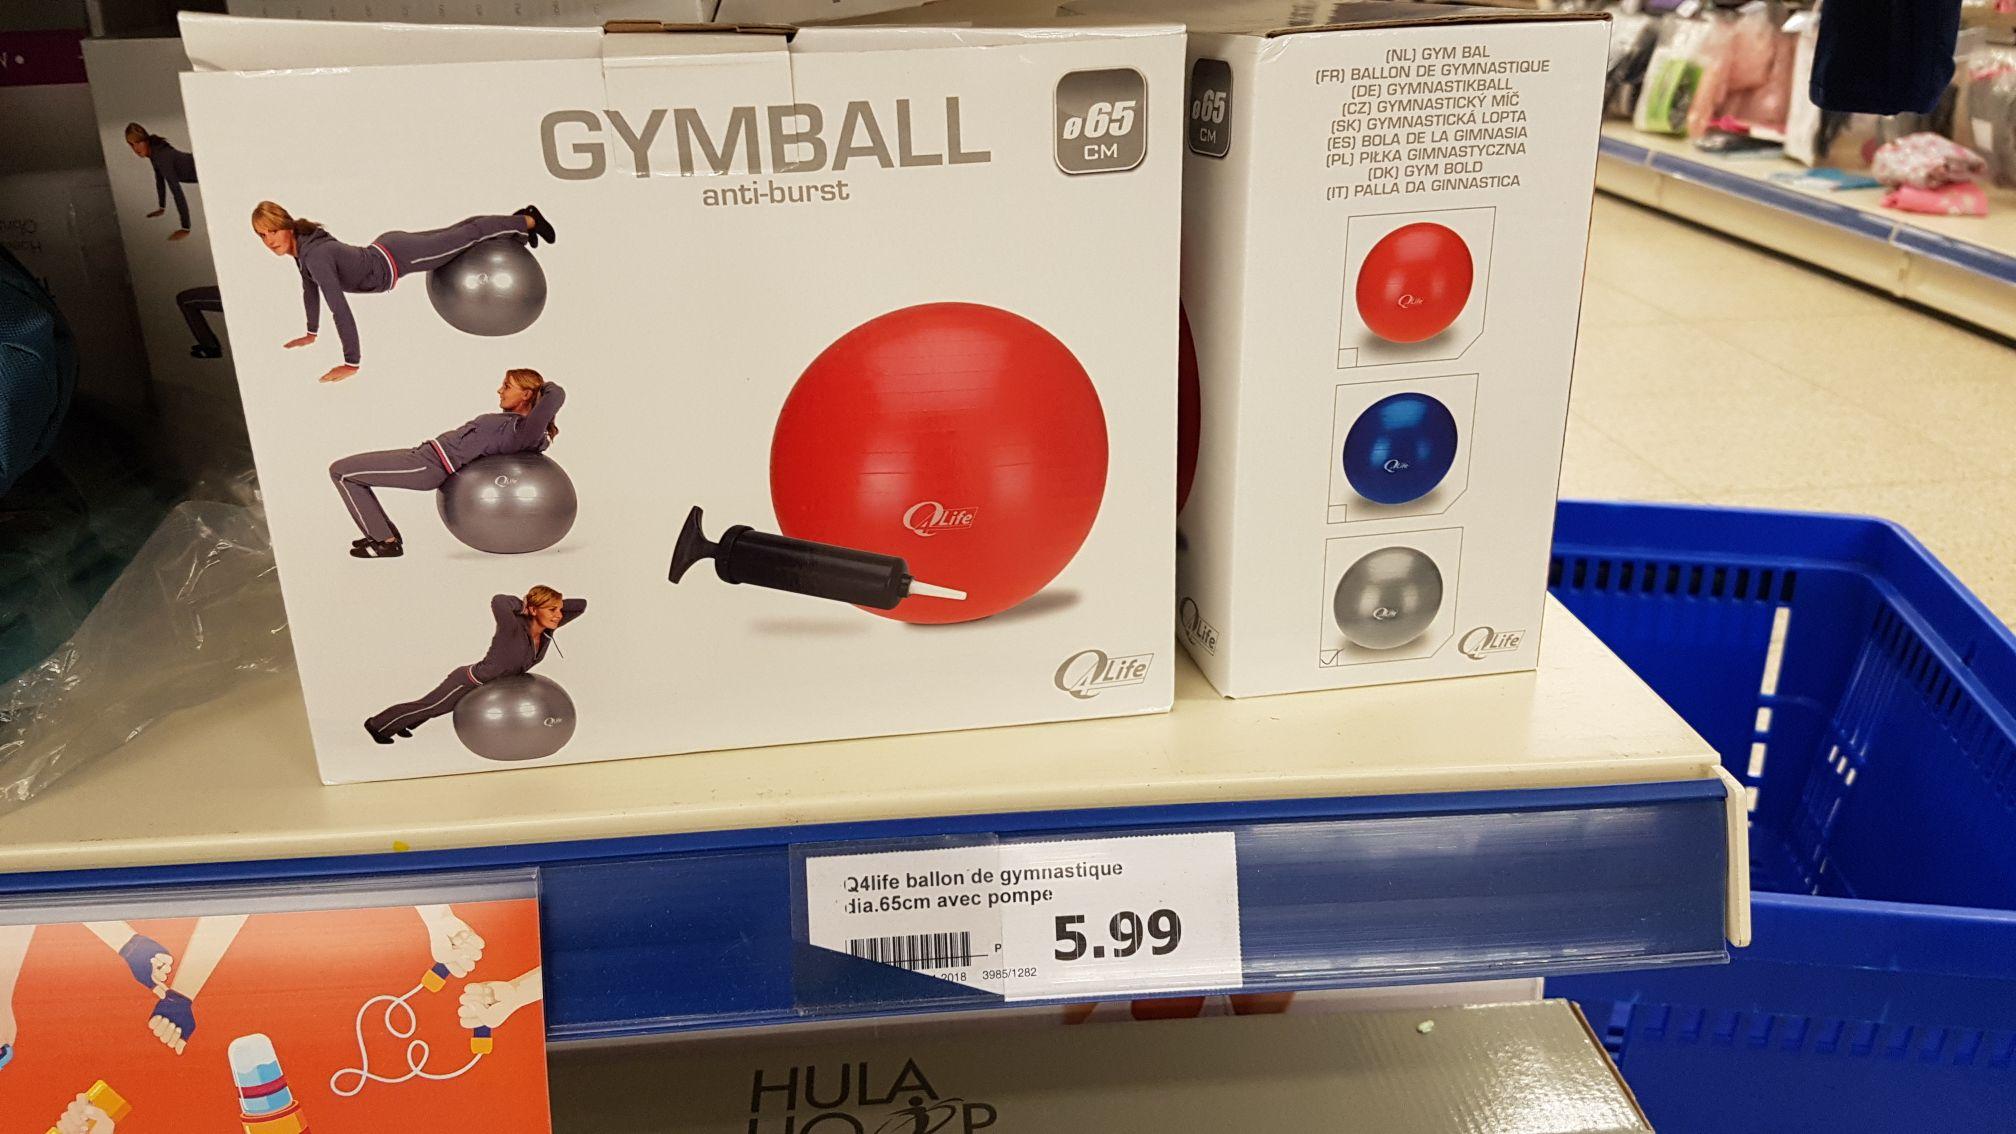 Ballon de gym - 65 cm